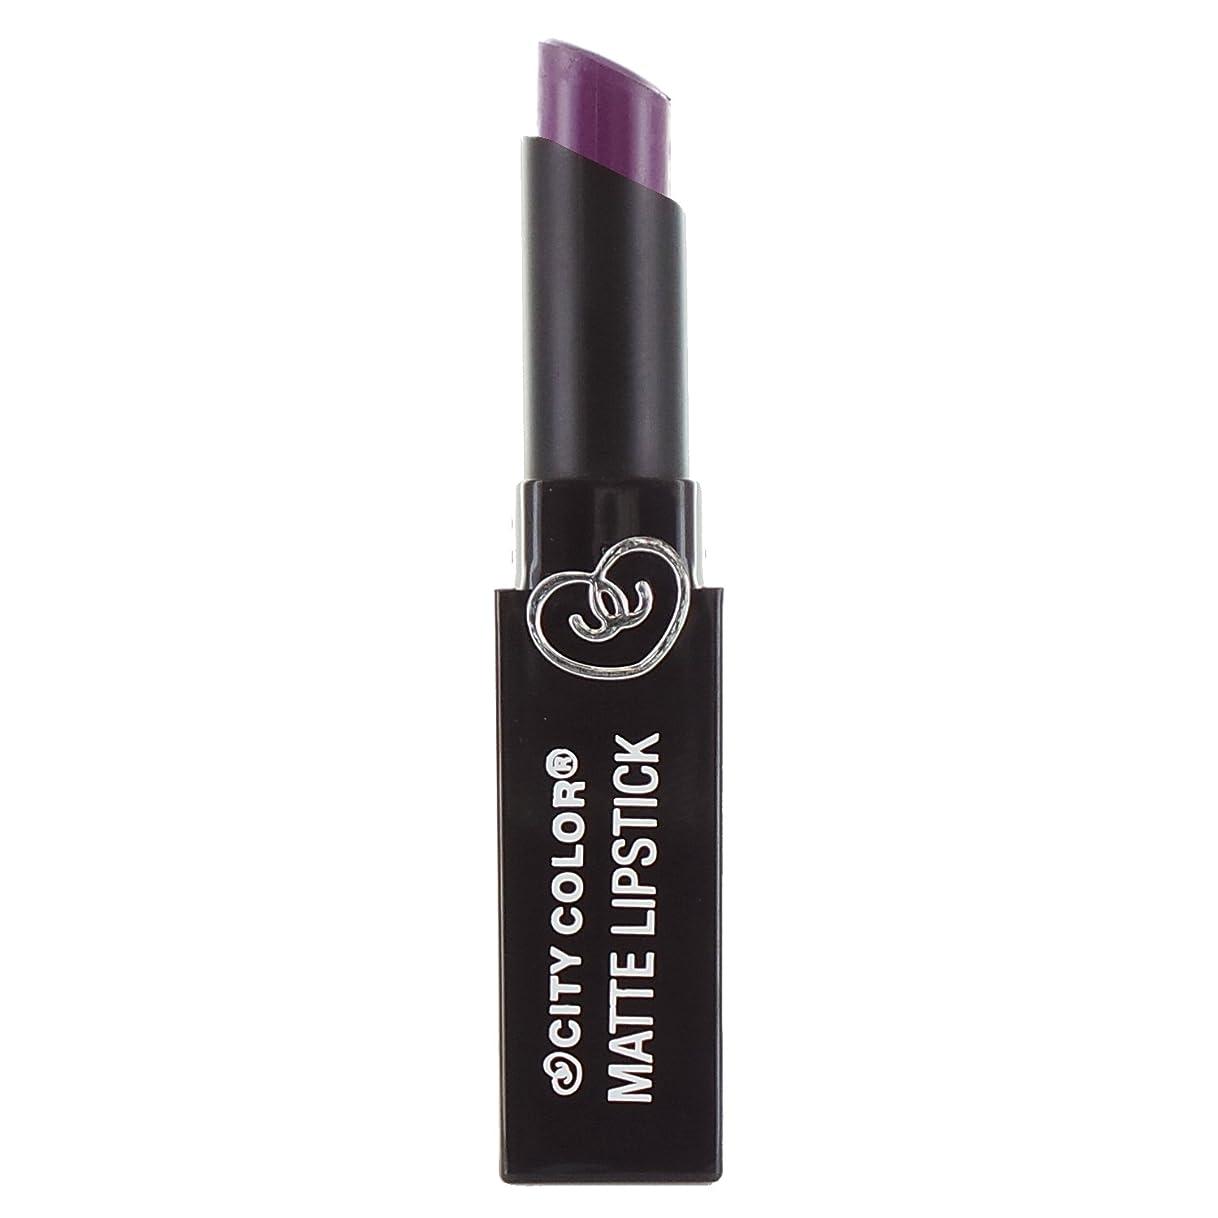 偏差反発する解き明かすCITY COLOR Matte Lipstick L0050 - Violet (並行輸入品)